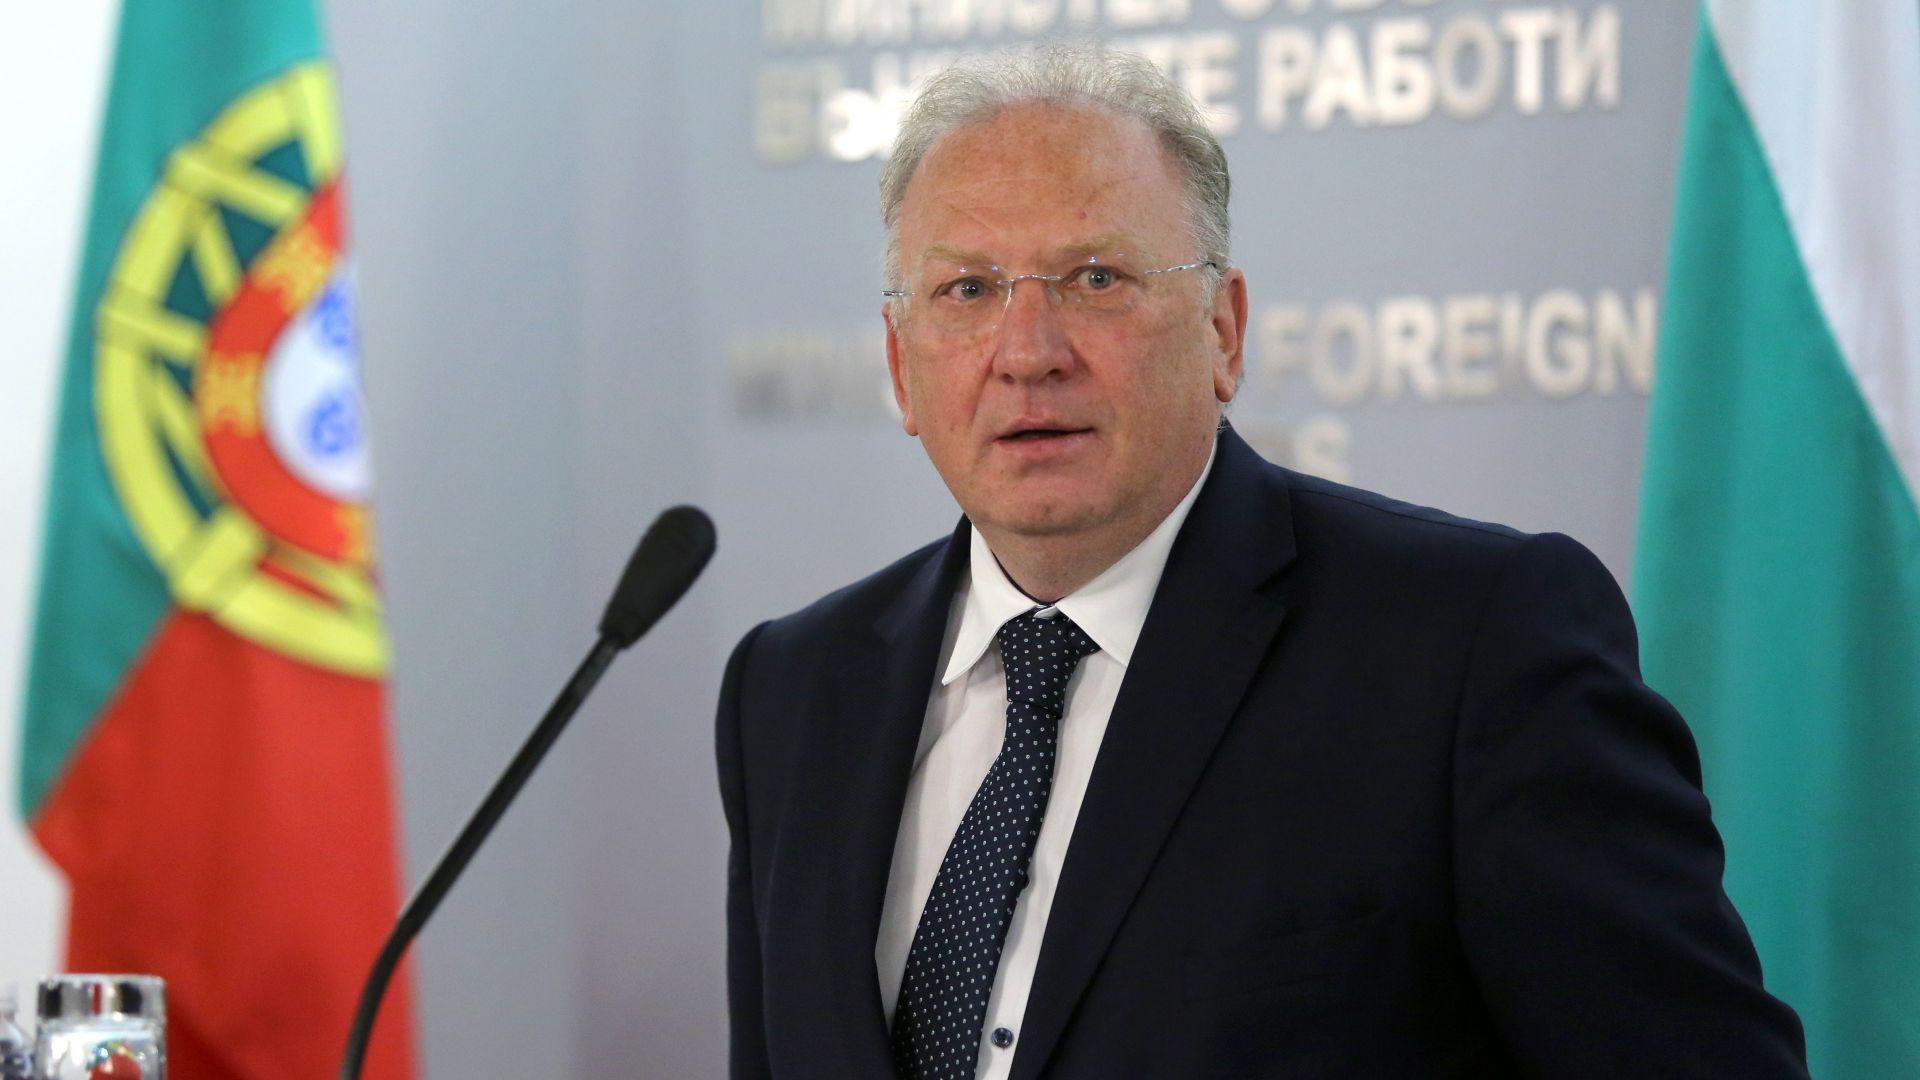 Стоев при представянето на екипа си: Случаят в Минск е въздушно пиратство